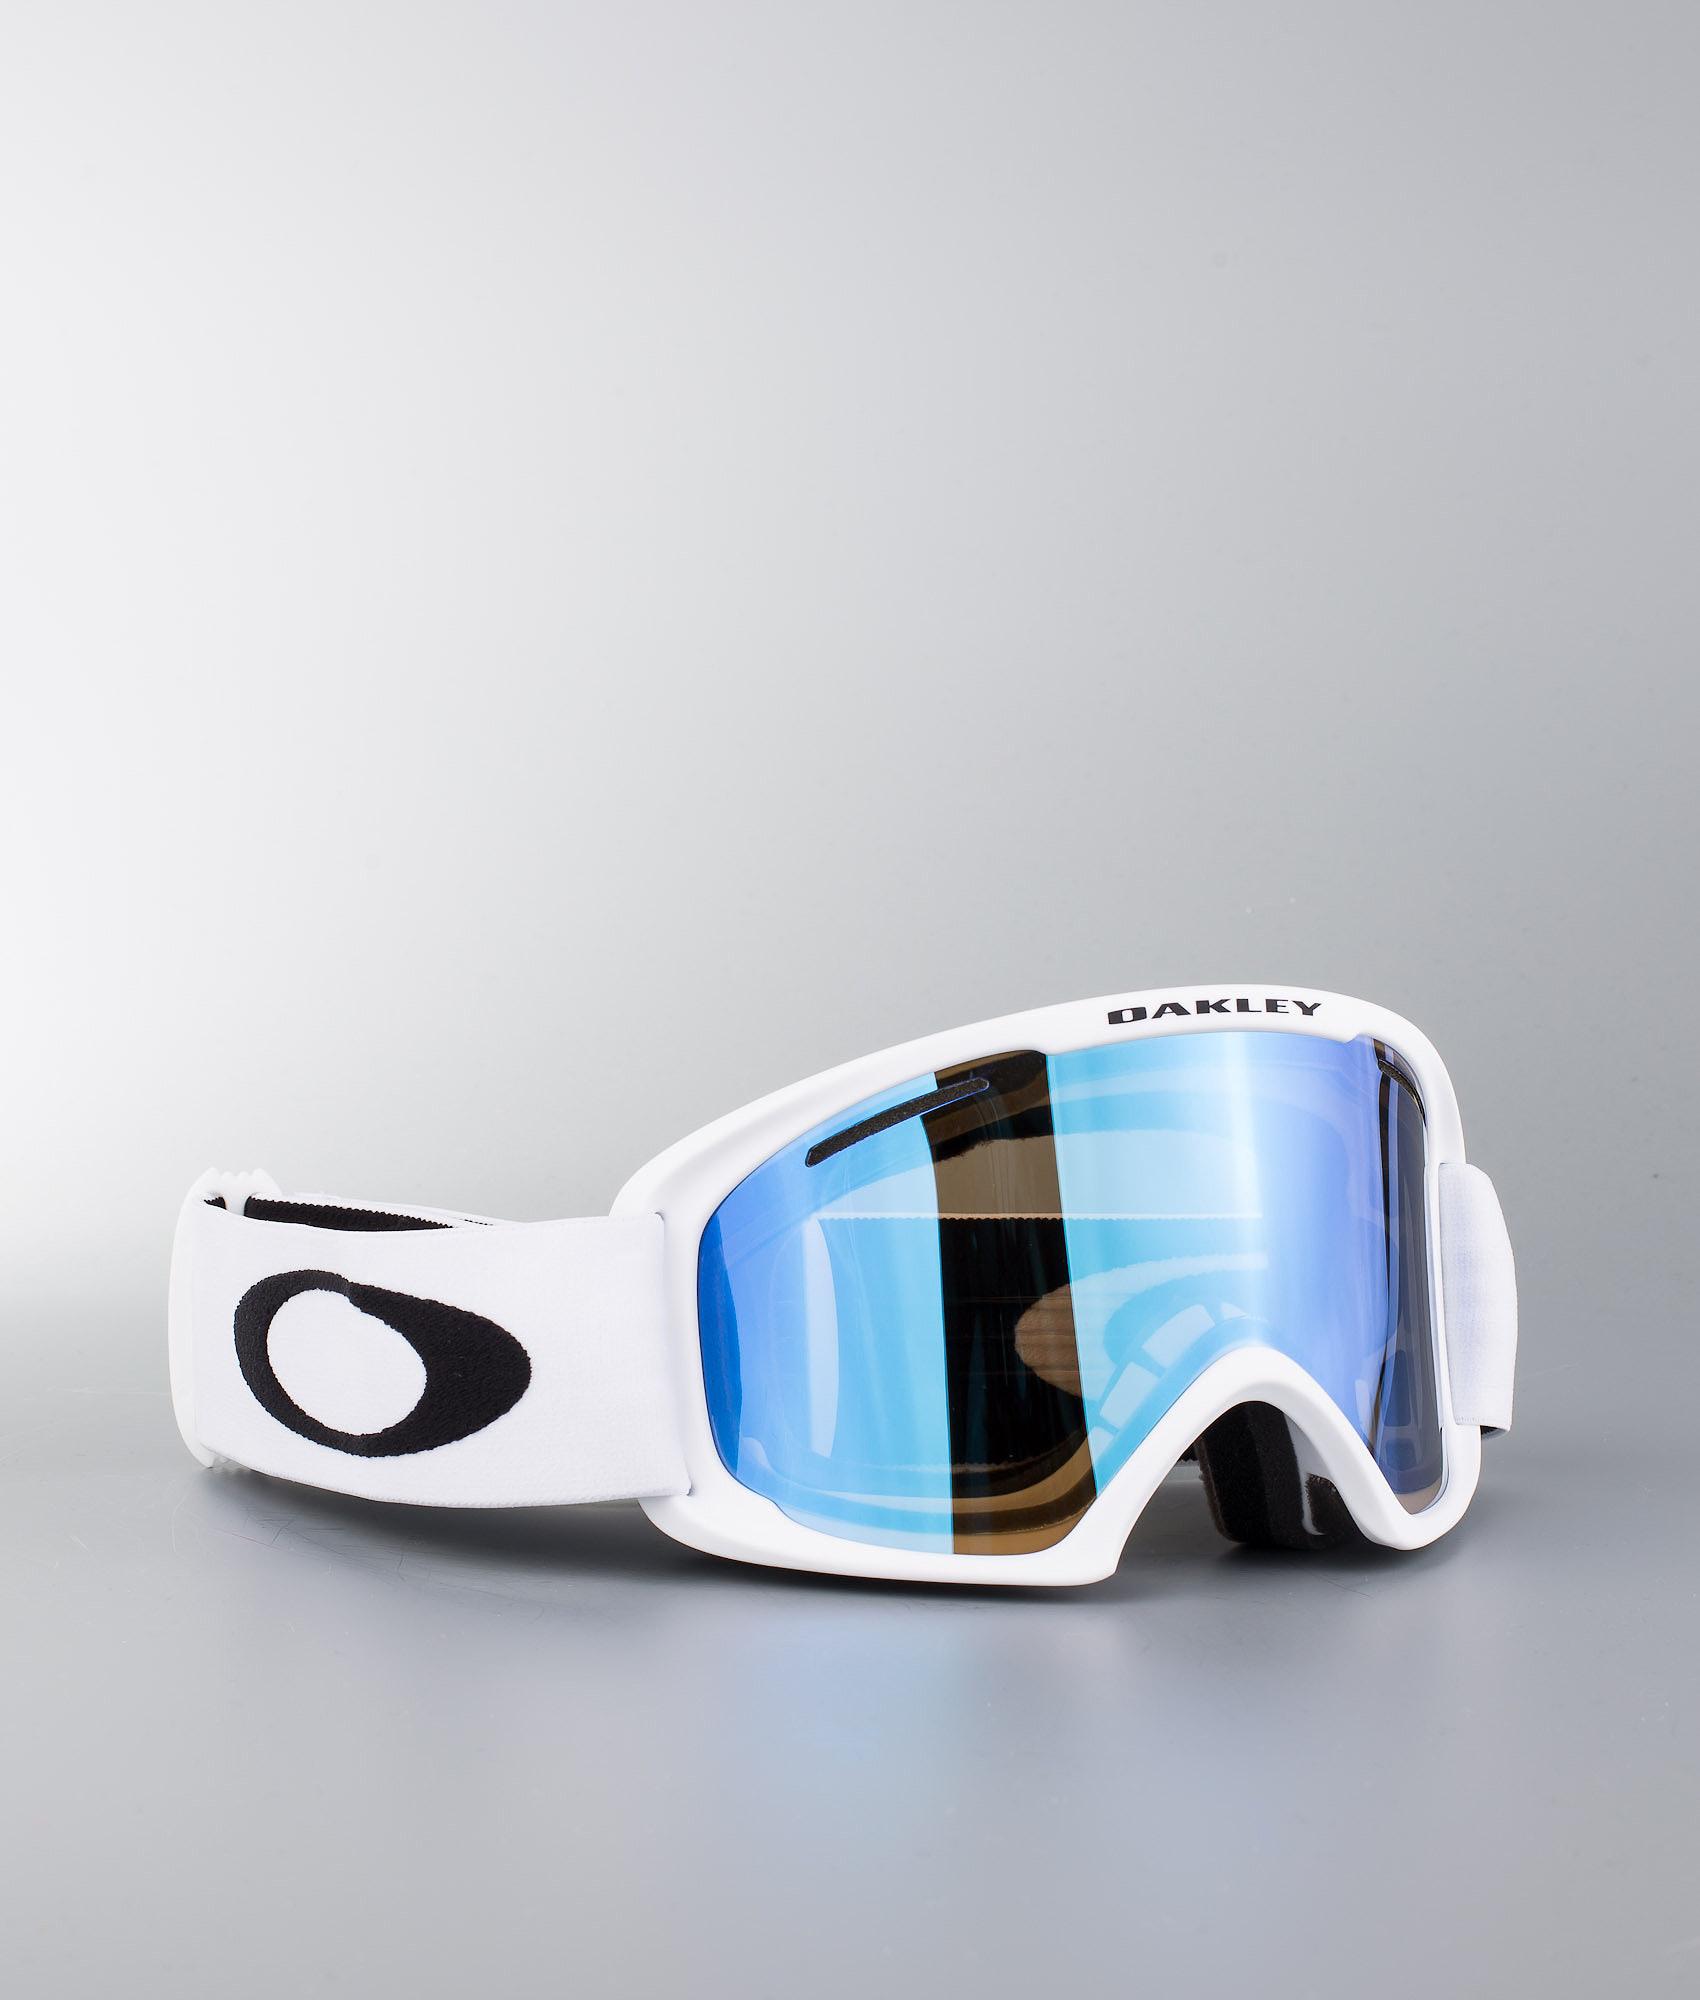 ef912e00bb Oakley O Frame 2.0 XL Ski Goggle Matte White W Persimmon - Ridestore.com